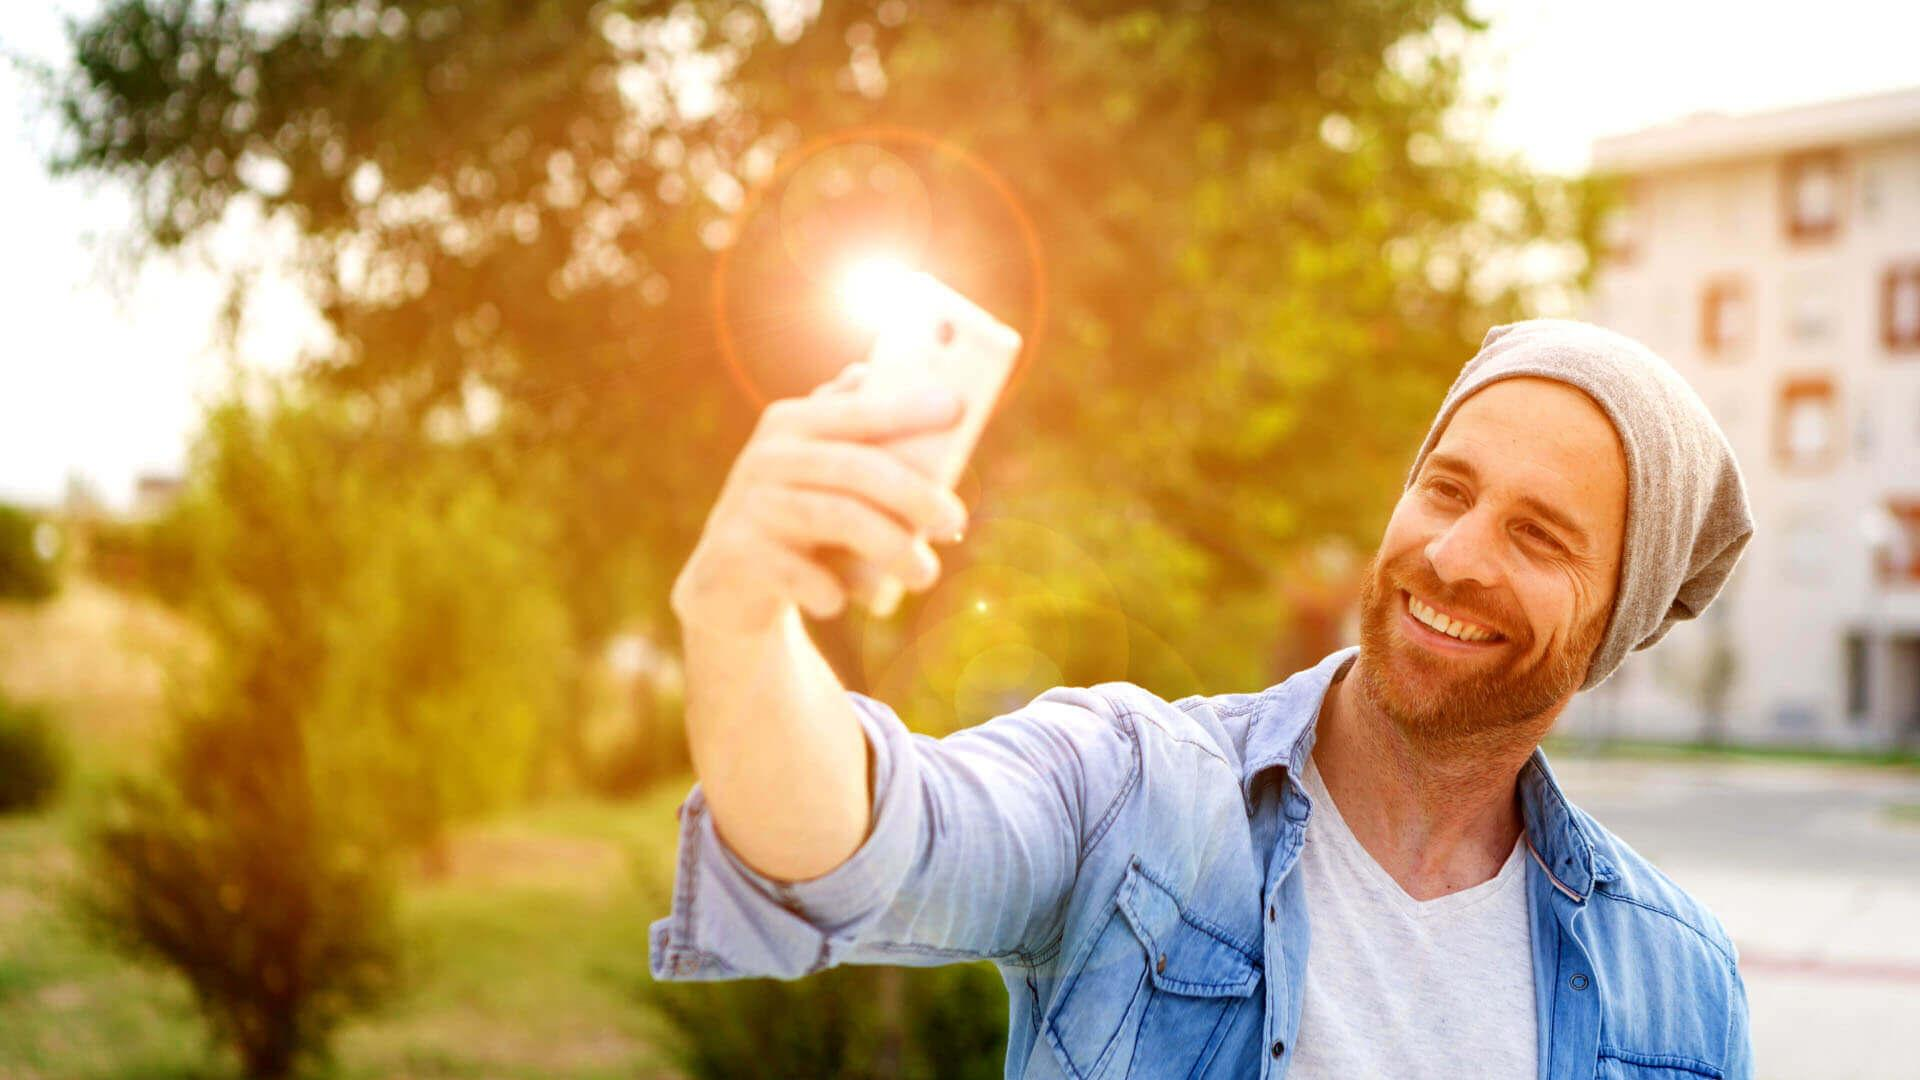 Mann macht ein Selfie